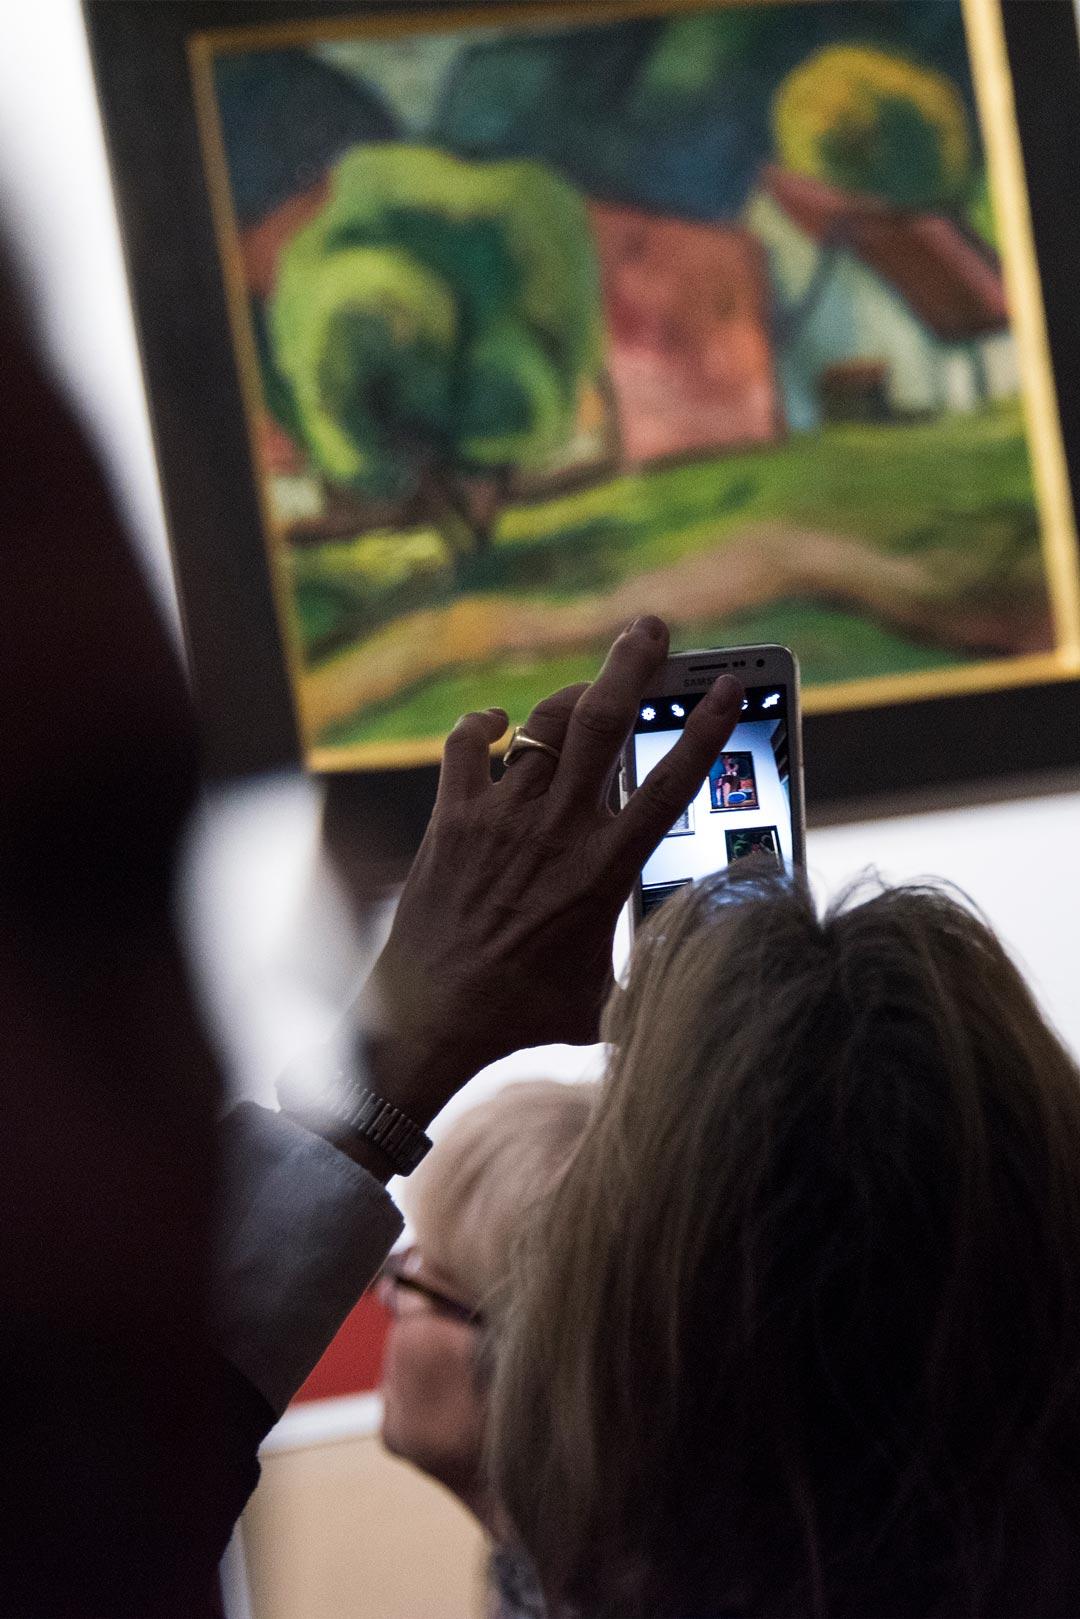 """Fotografieren erlaubt in der Ausstellung """"Von Beckmann bis Jawlensky – die Sammlung Brabant"""" (Foto: Museum Wiesbaden/Bernd Fickert)"""